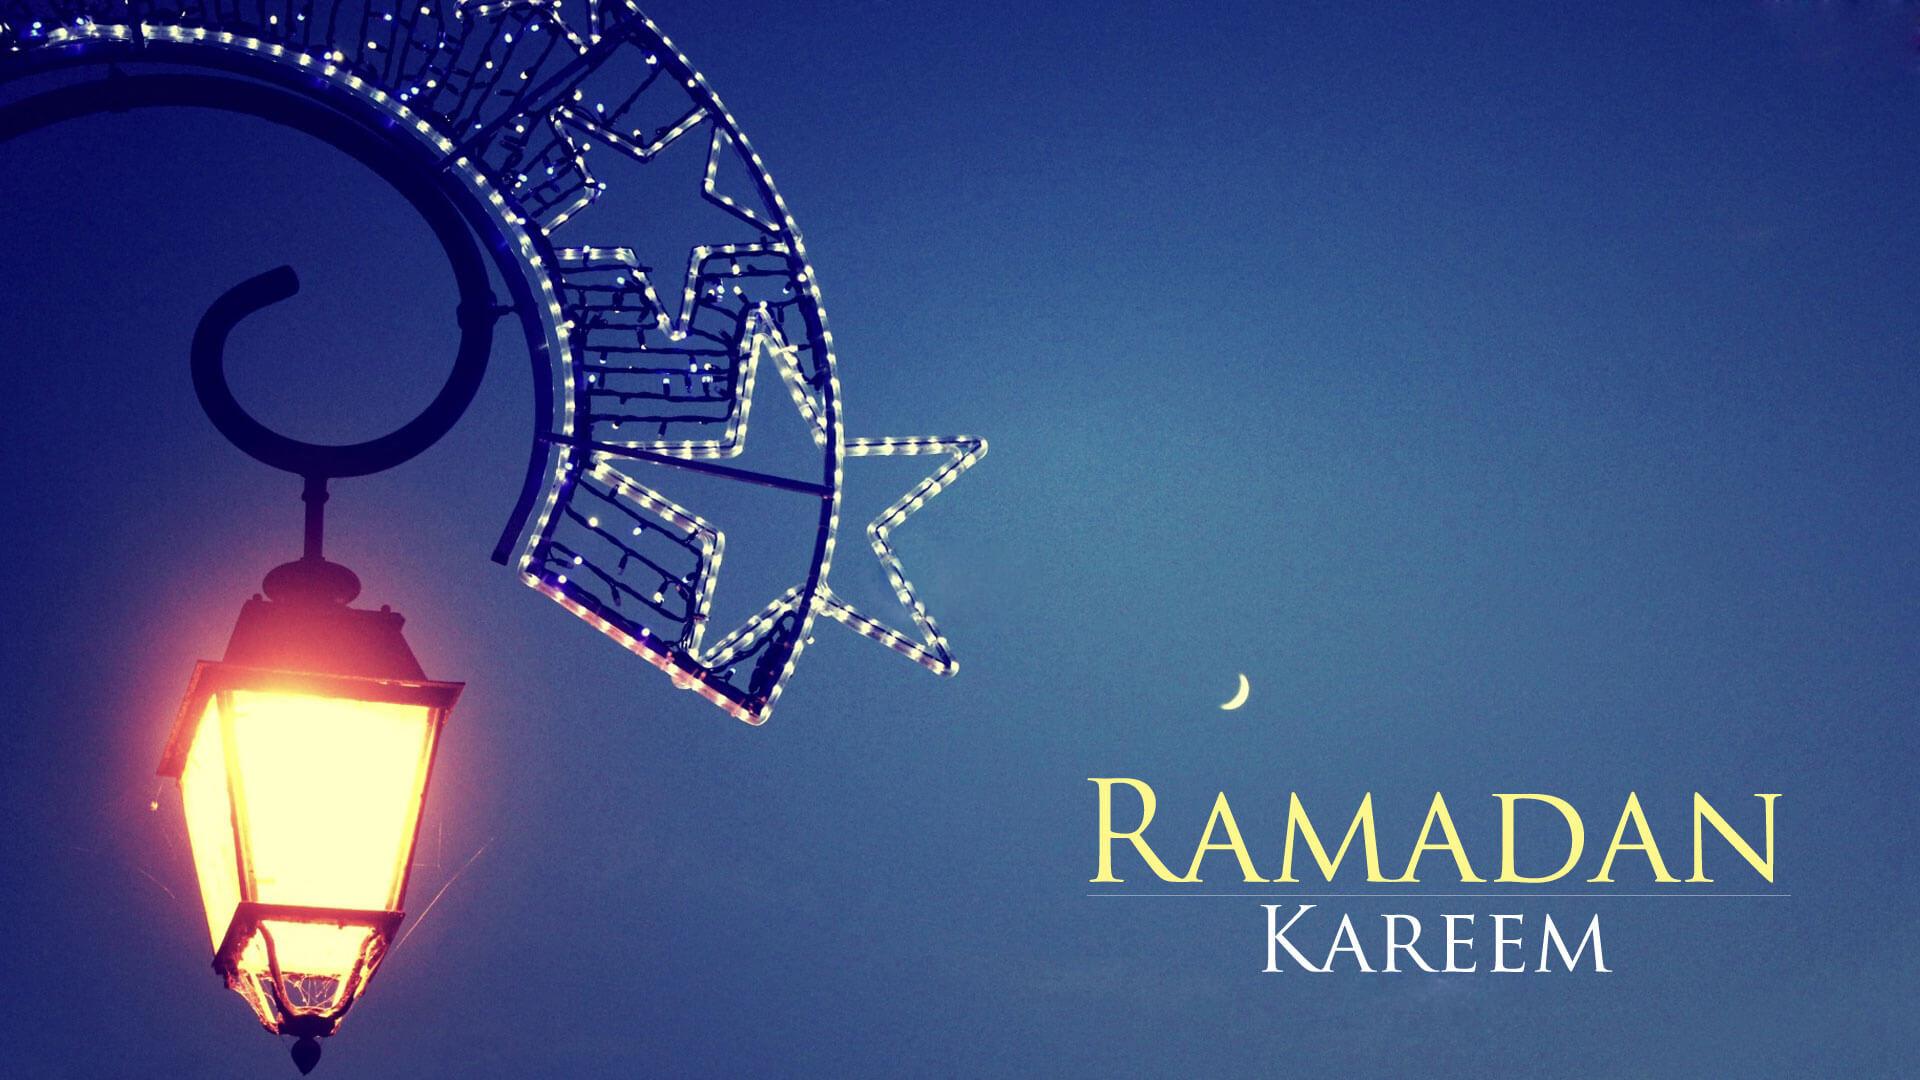 Ramadan Mubarak Images, Wallpapers, HD Pics & Photos for ...